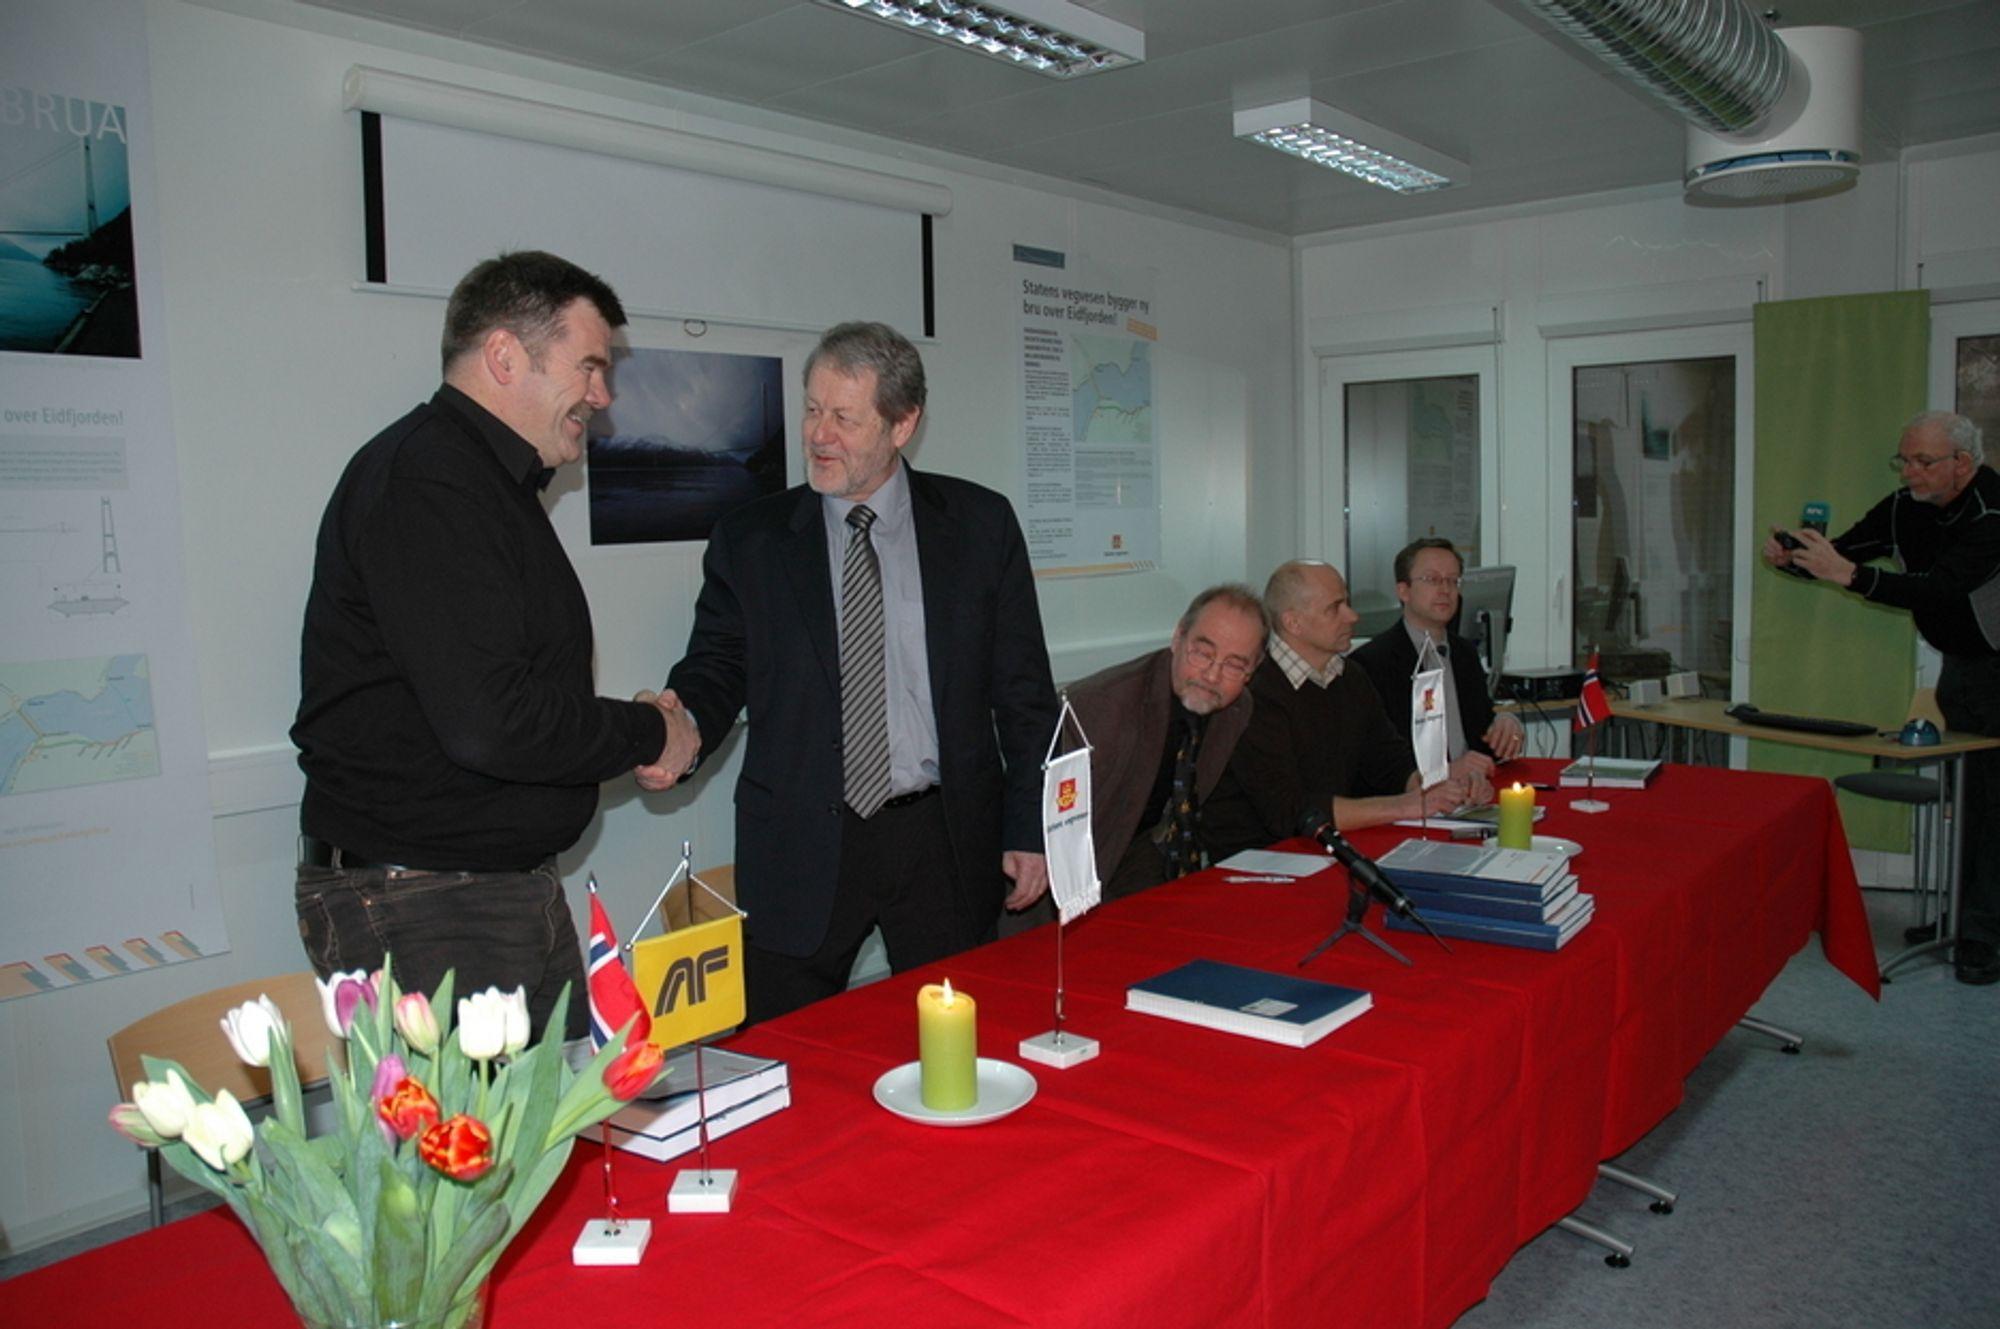 Robert Haugen i AF Gruppen (t.v.) gratuleres av regionveisjef Olav Ellevset. Videre fra venstre sitter prosjektleder Øivind Søvik, Klaus Hansen fra Veidekke og Christian Levinsen fra MT Højgaard.